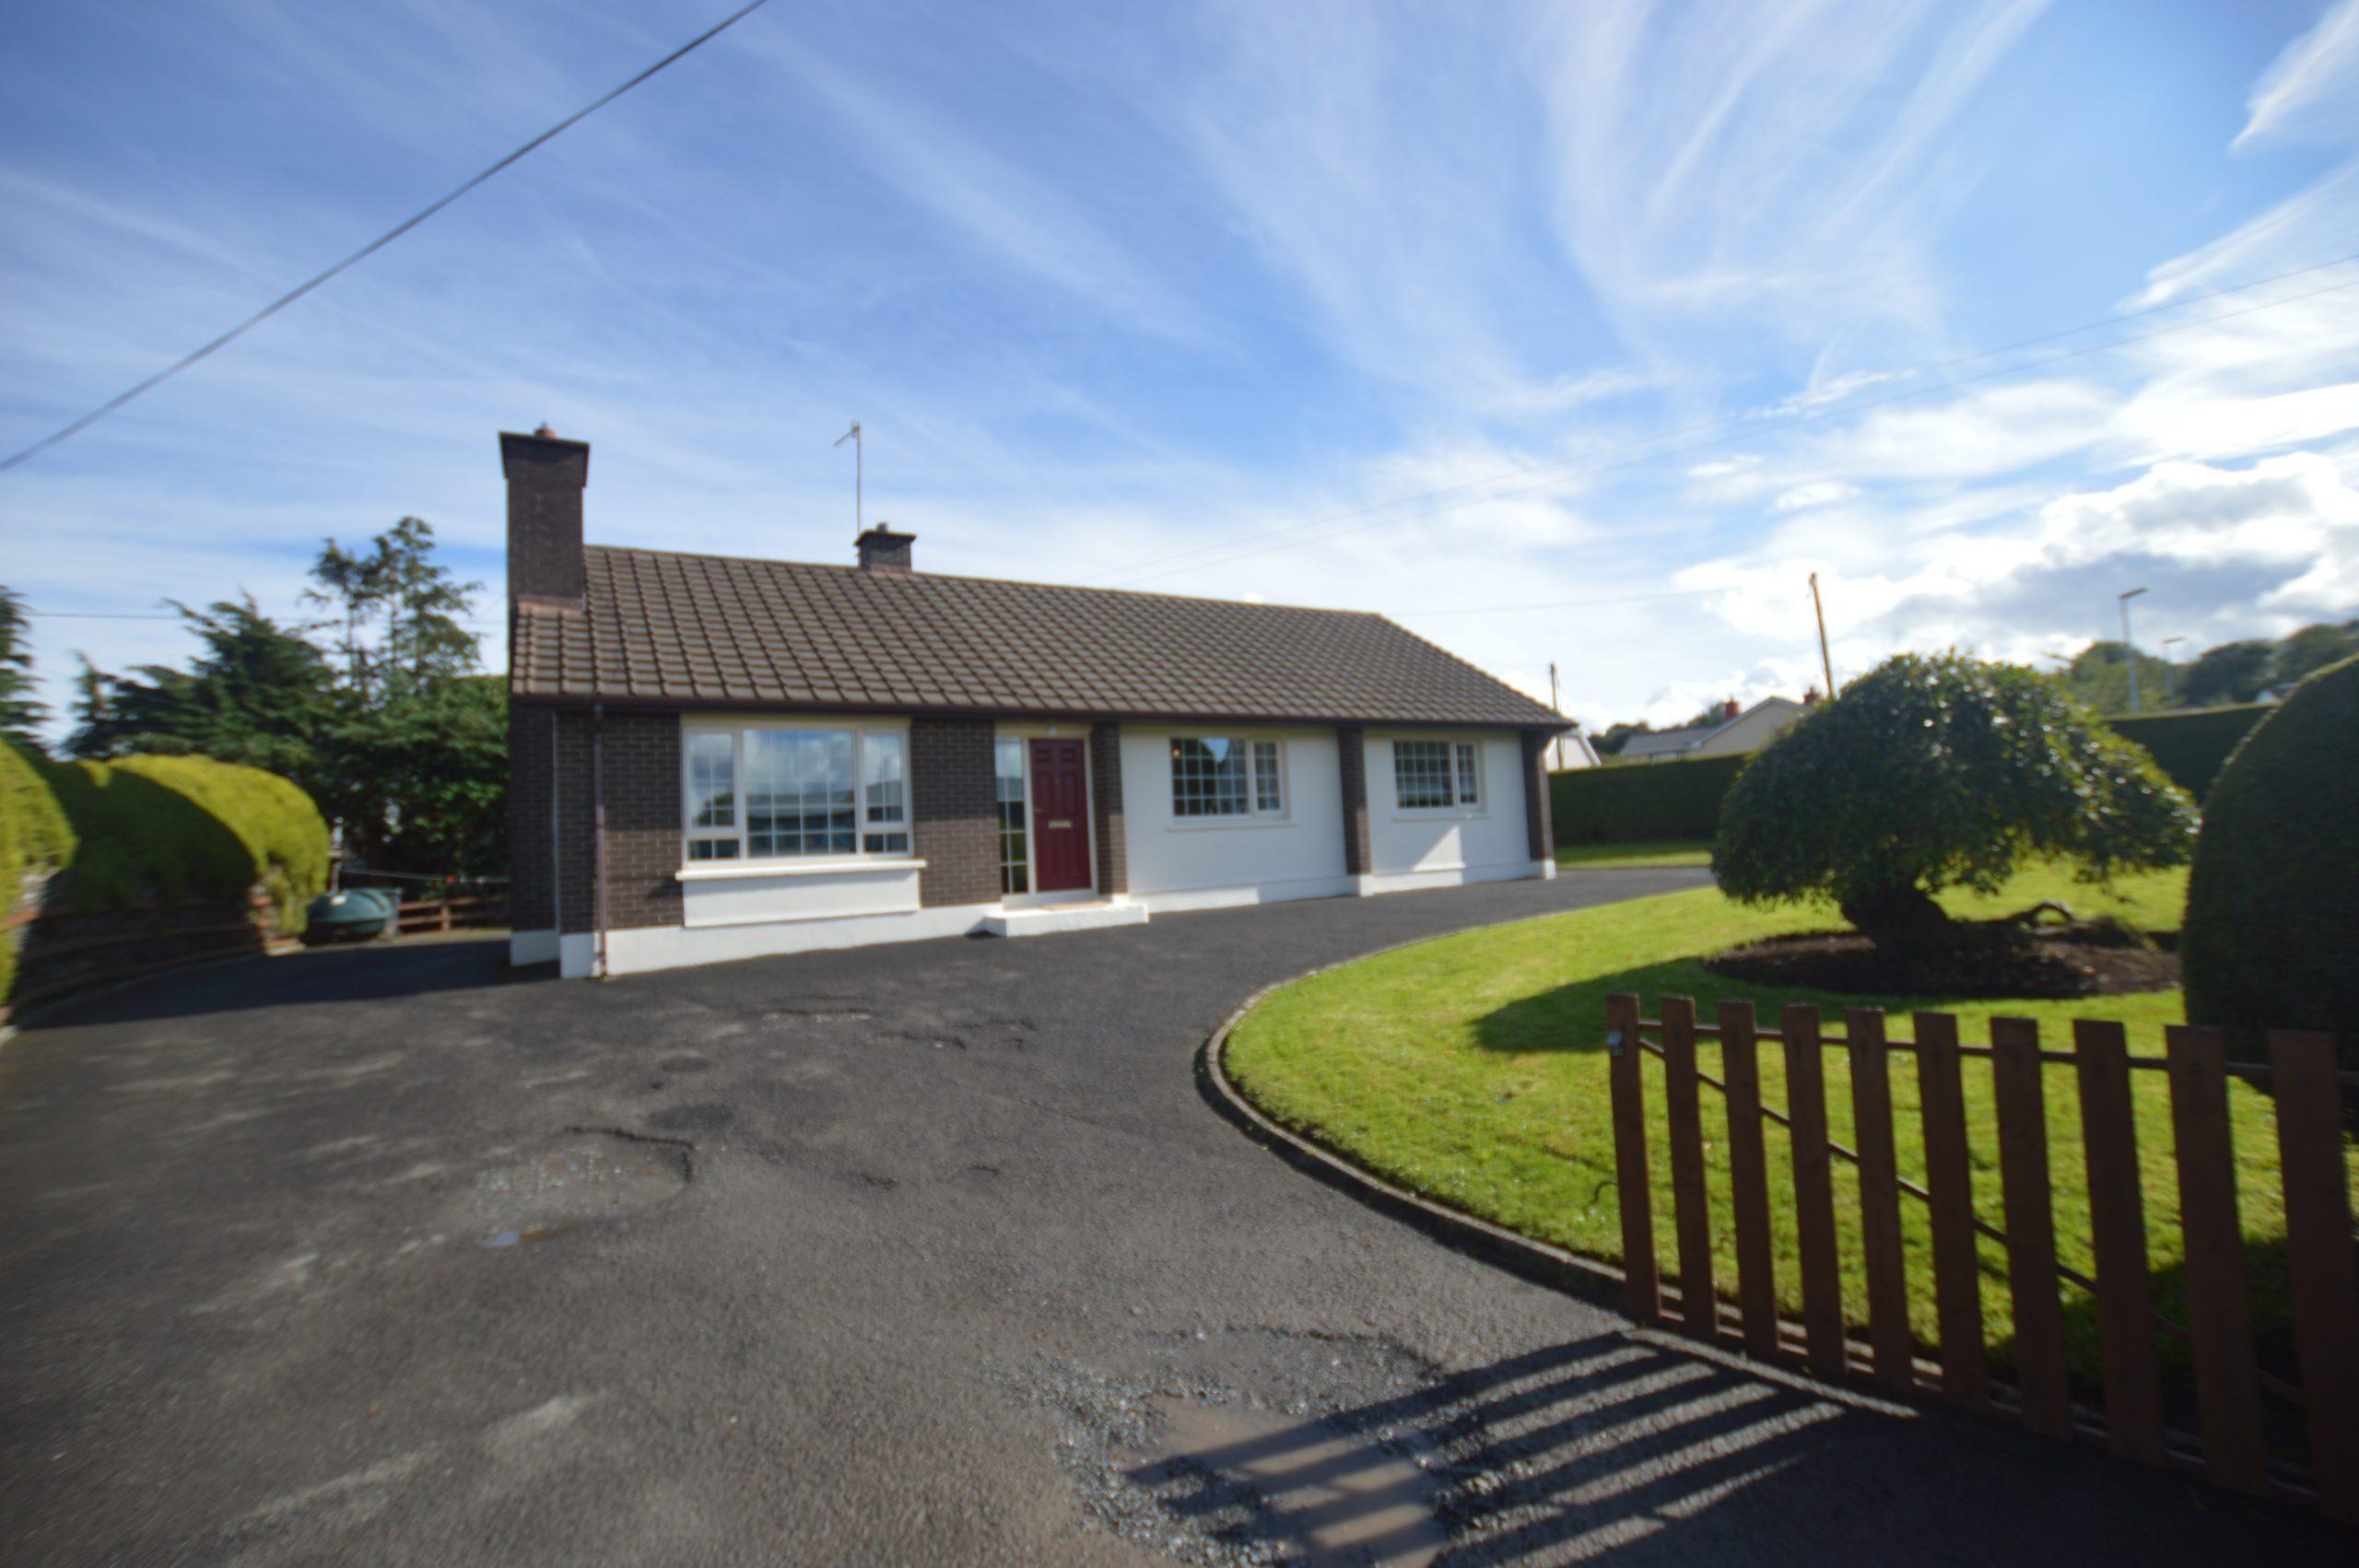 Sessiaghoneill, Ballybofey, Co Donegal F93 XNK6